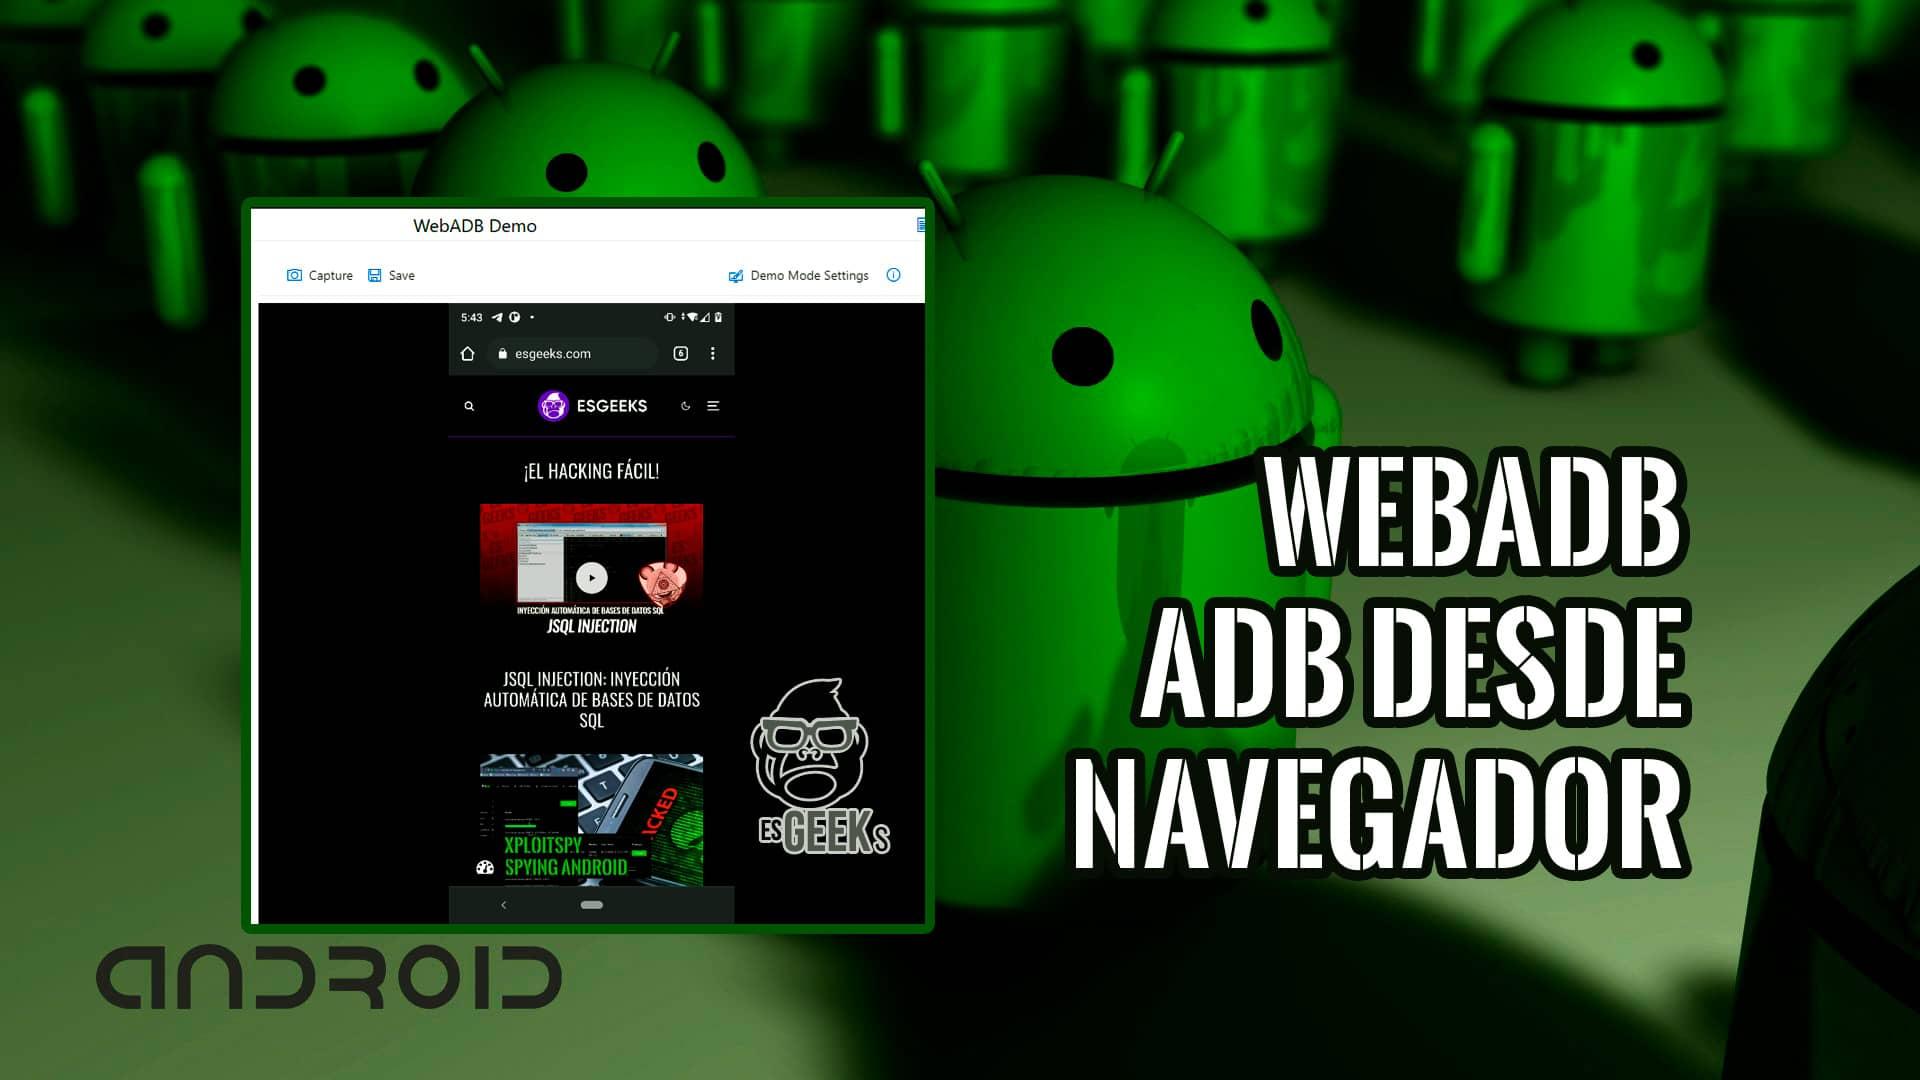 WebADB Controlar Smartphone Android vía ADB desde el Navegador